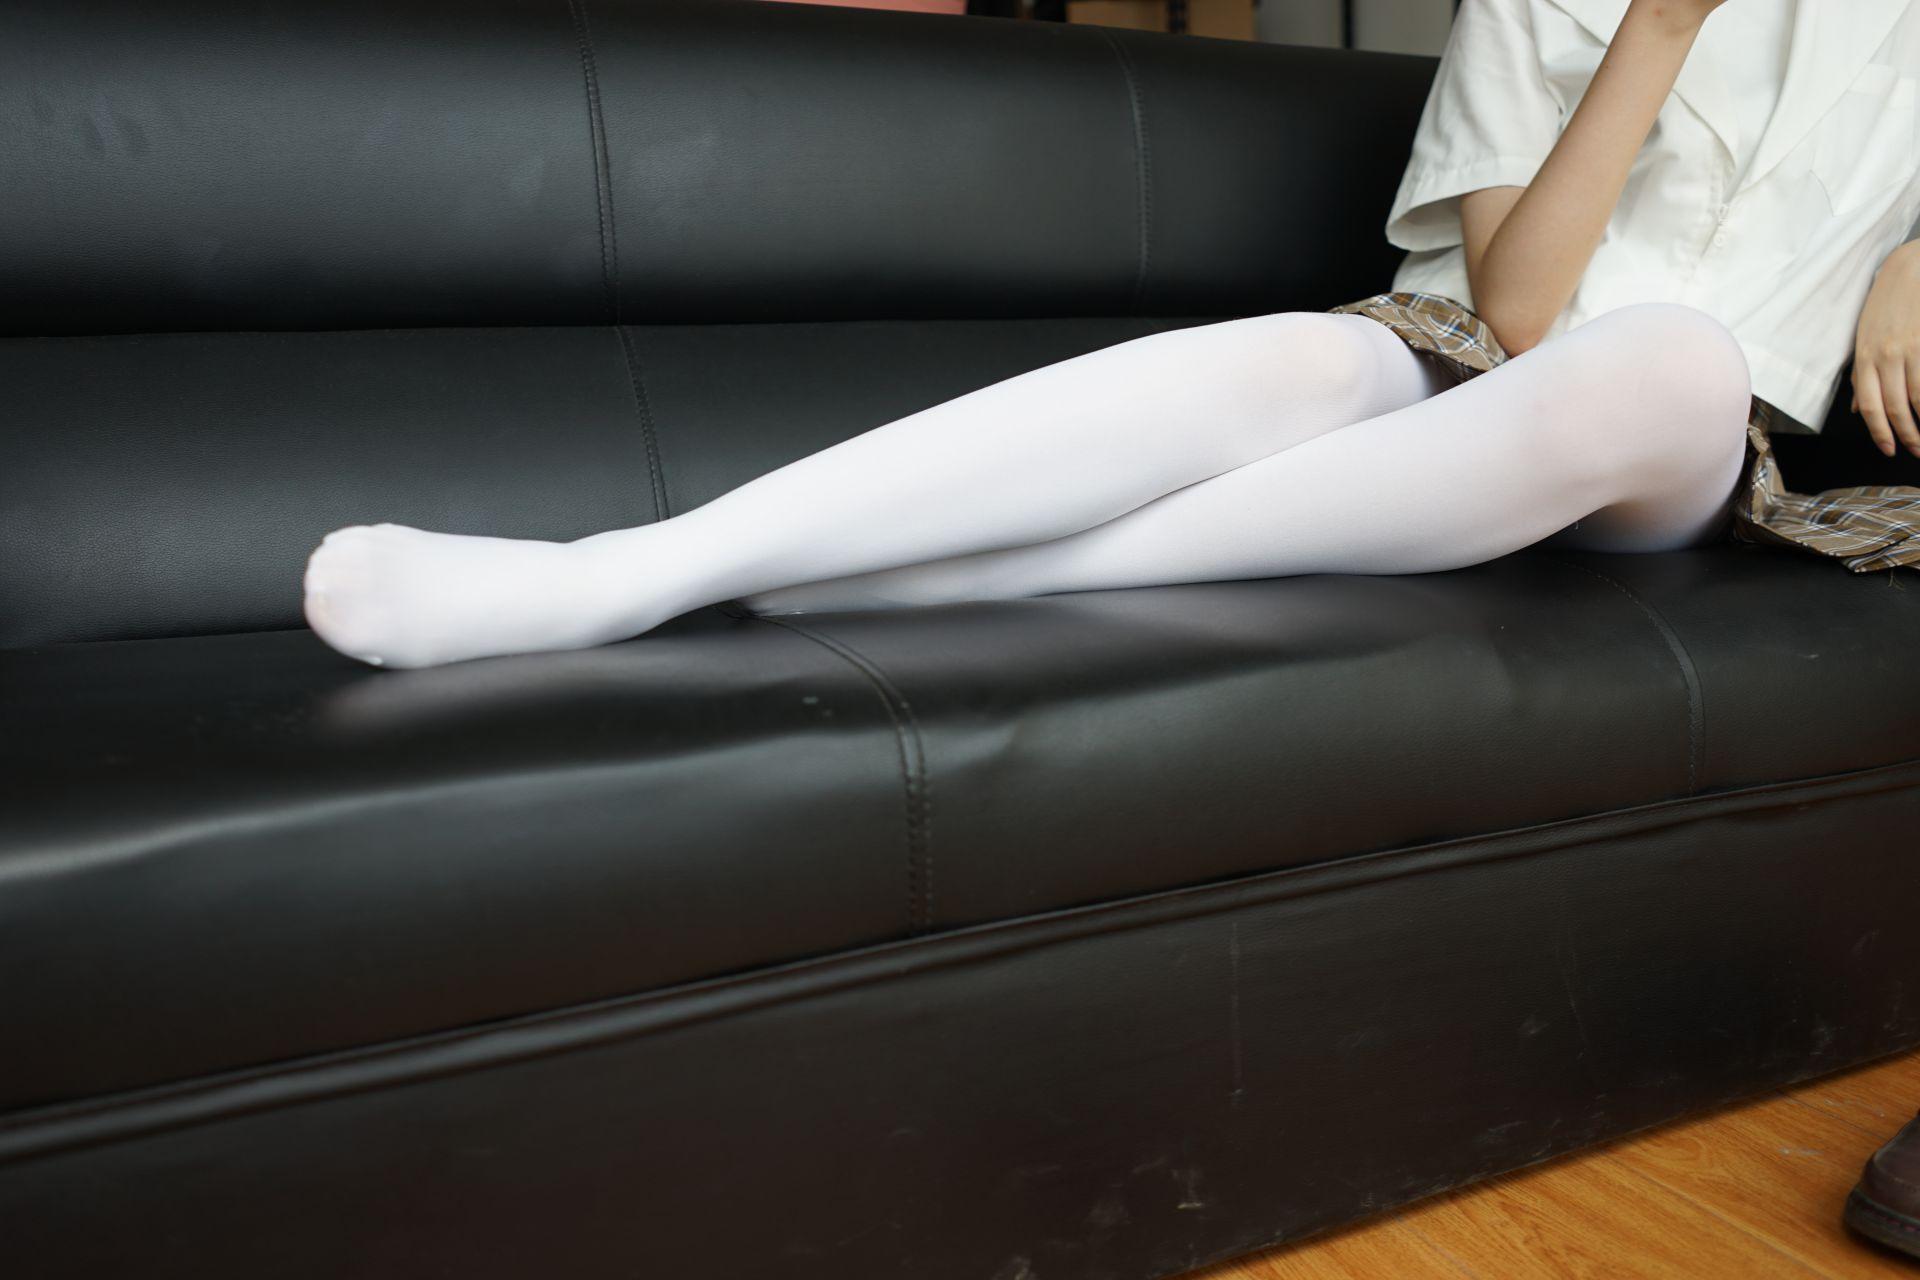 【森萝财团】森萝财团写真 - BETA-021 白丝格子裙 [212P-0.98GB] BETA系列 第5张